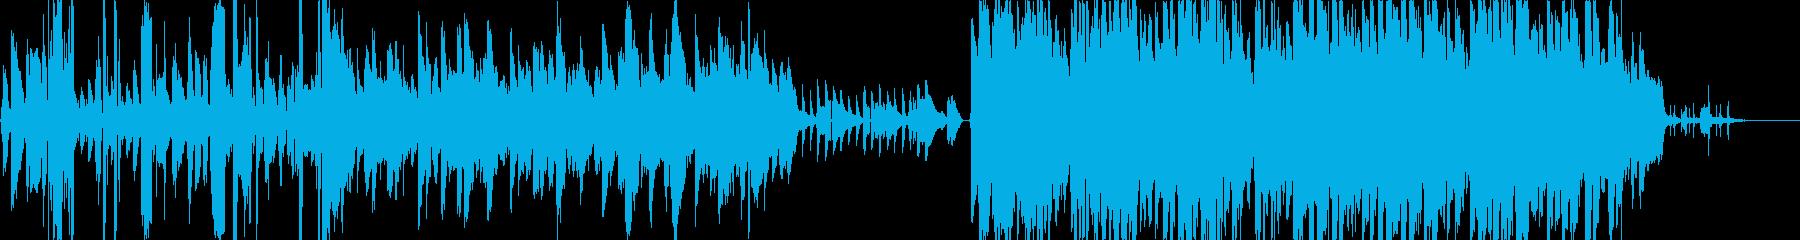 哀愁とメルヘン感の女性ボーカル曲の再生済みの波形